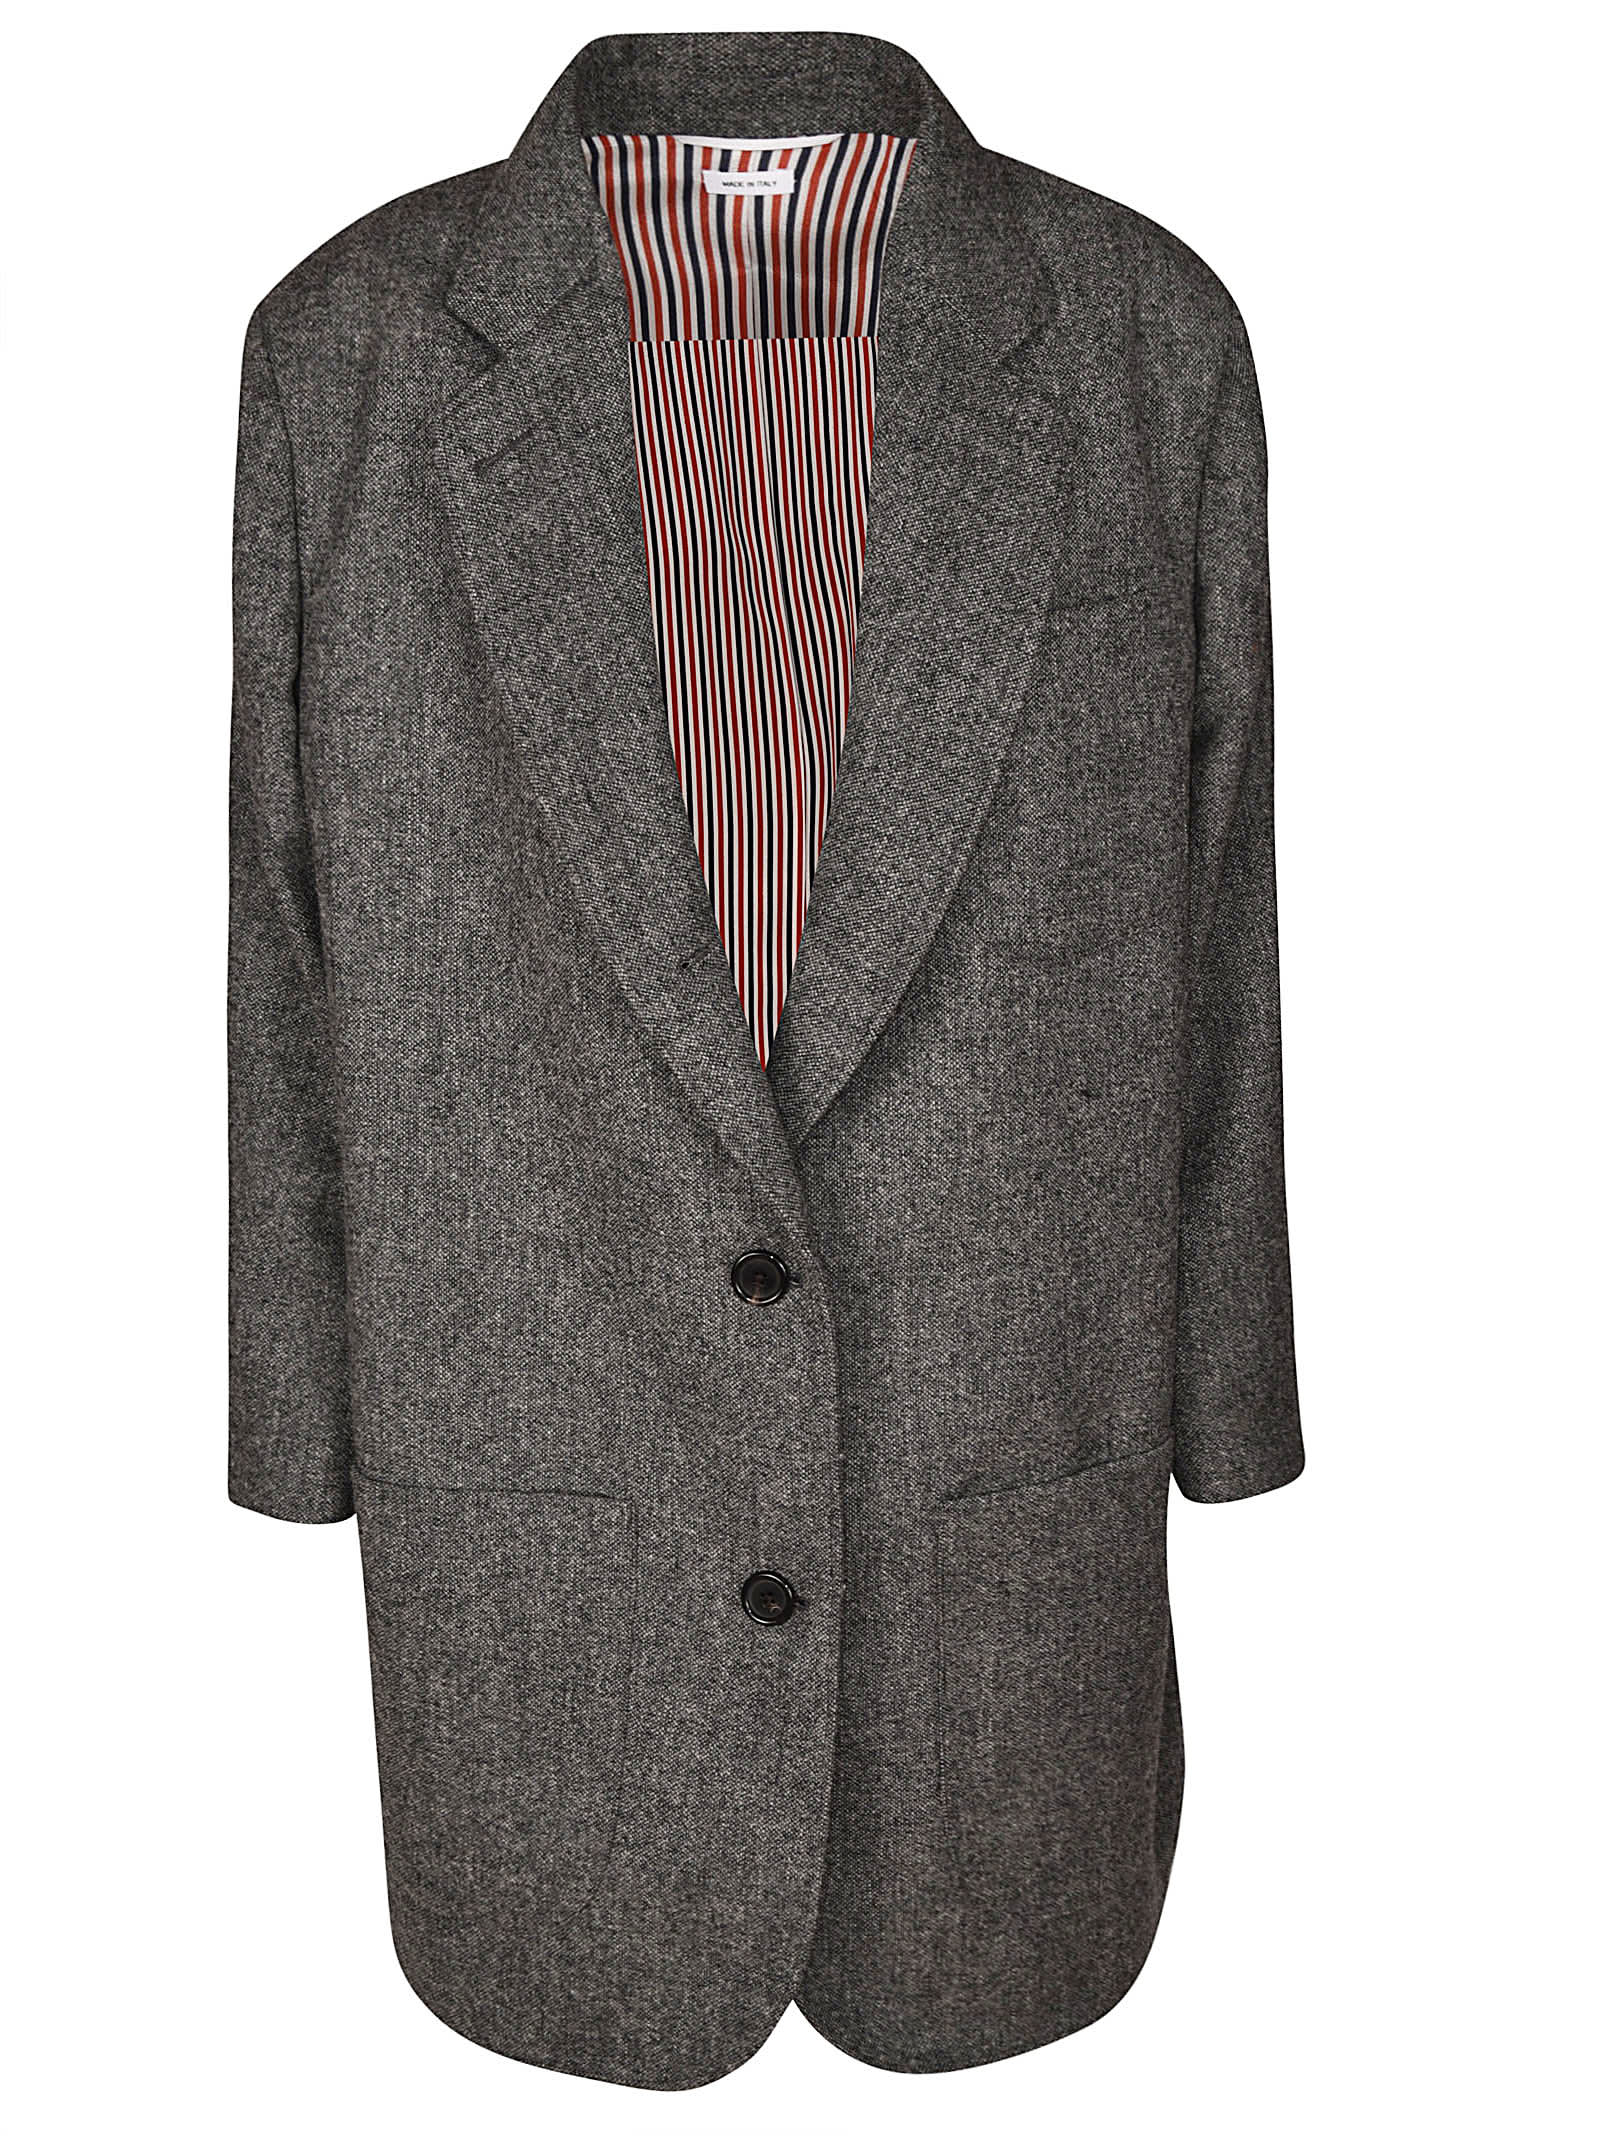 Thom Browne Supersized Sb Sack Jacket